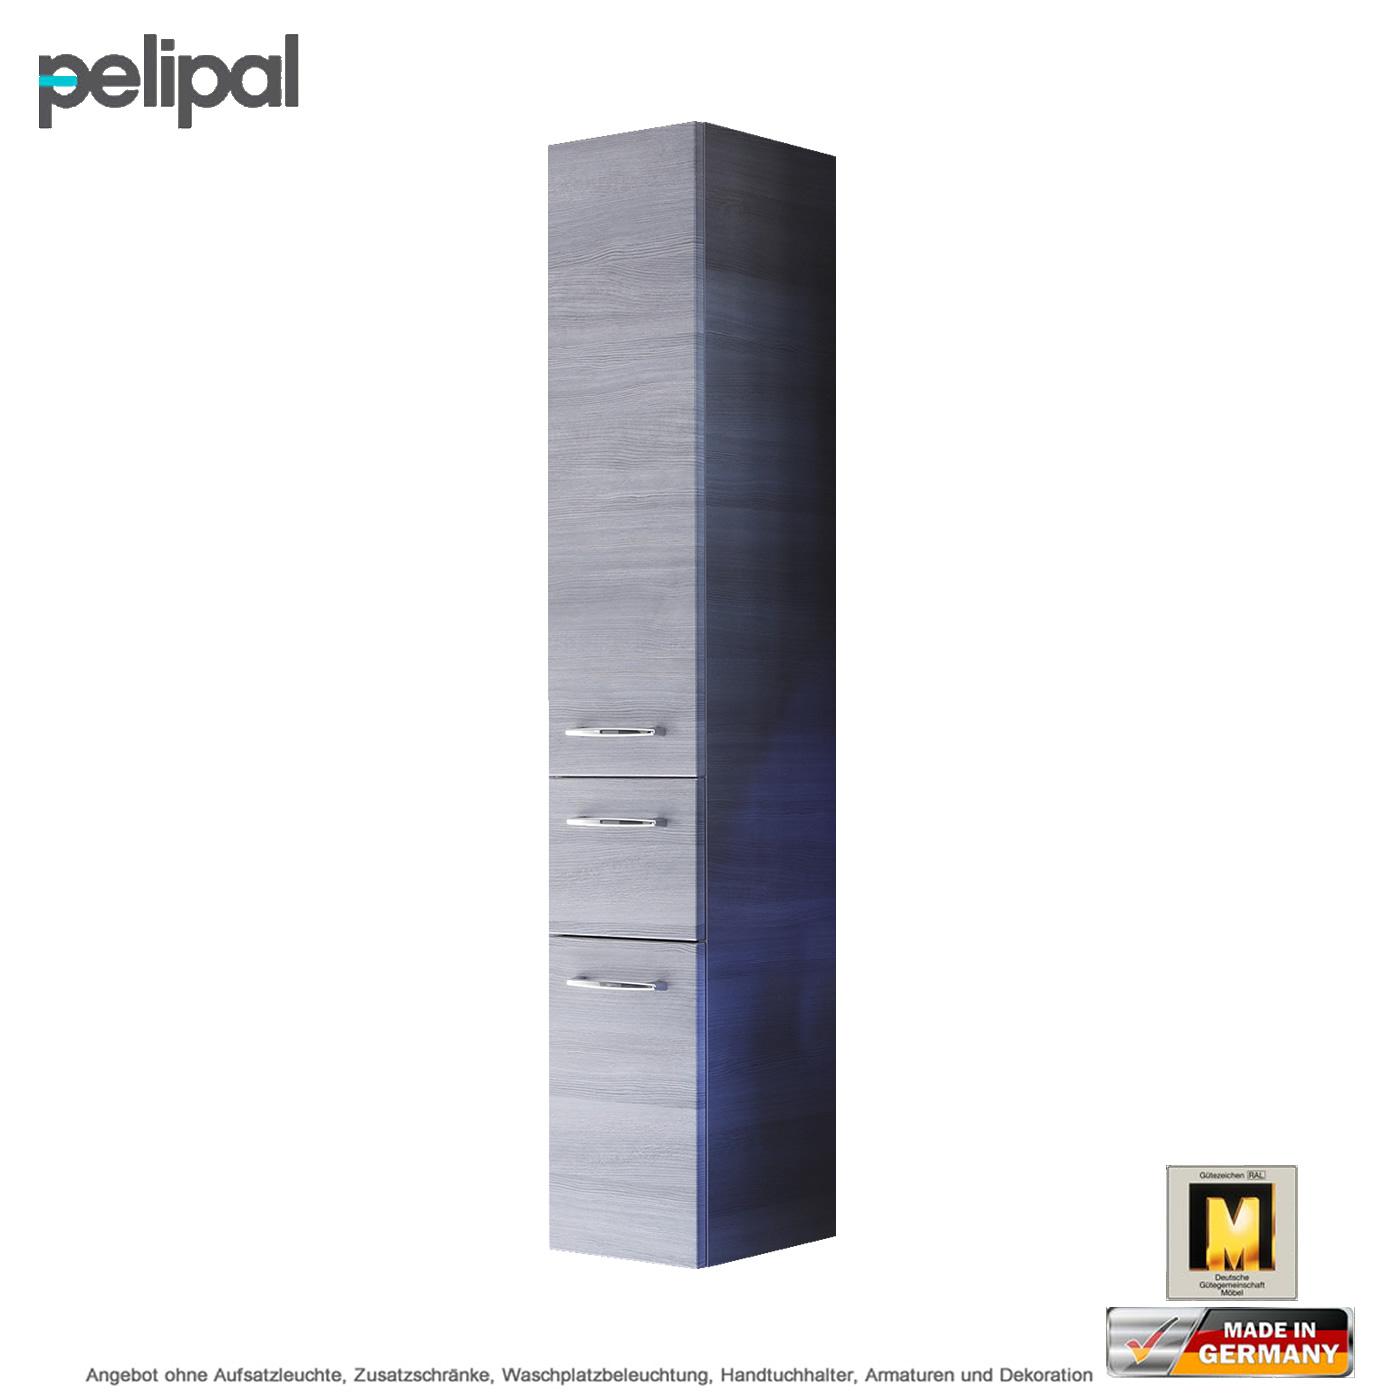 pelipal solitaire 7005 hochschrank mit w schekippe 168 cm impulsbad. Black Bedroom Furniture Sets. Home Design Ideas